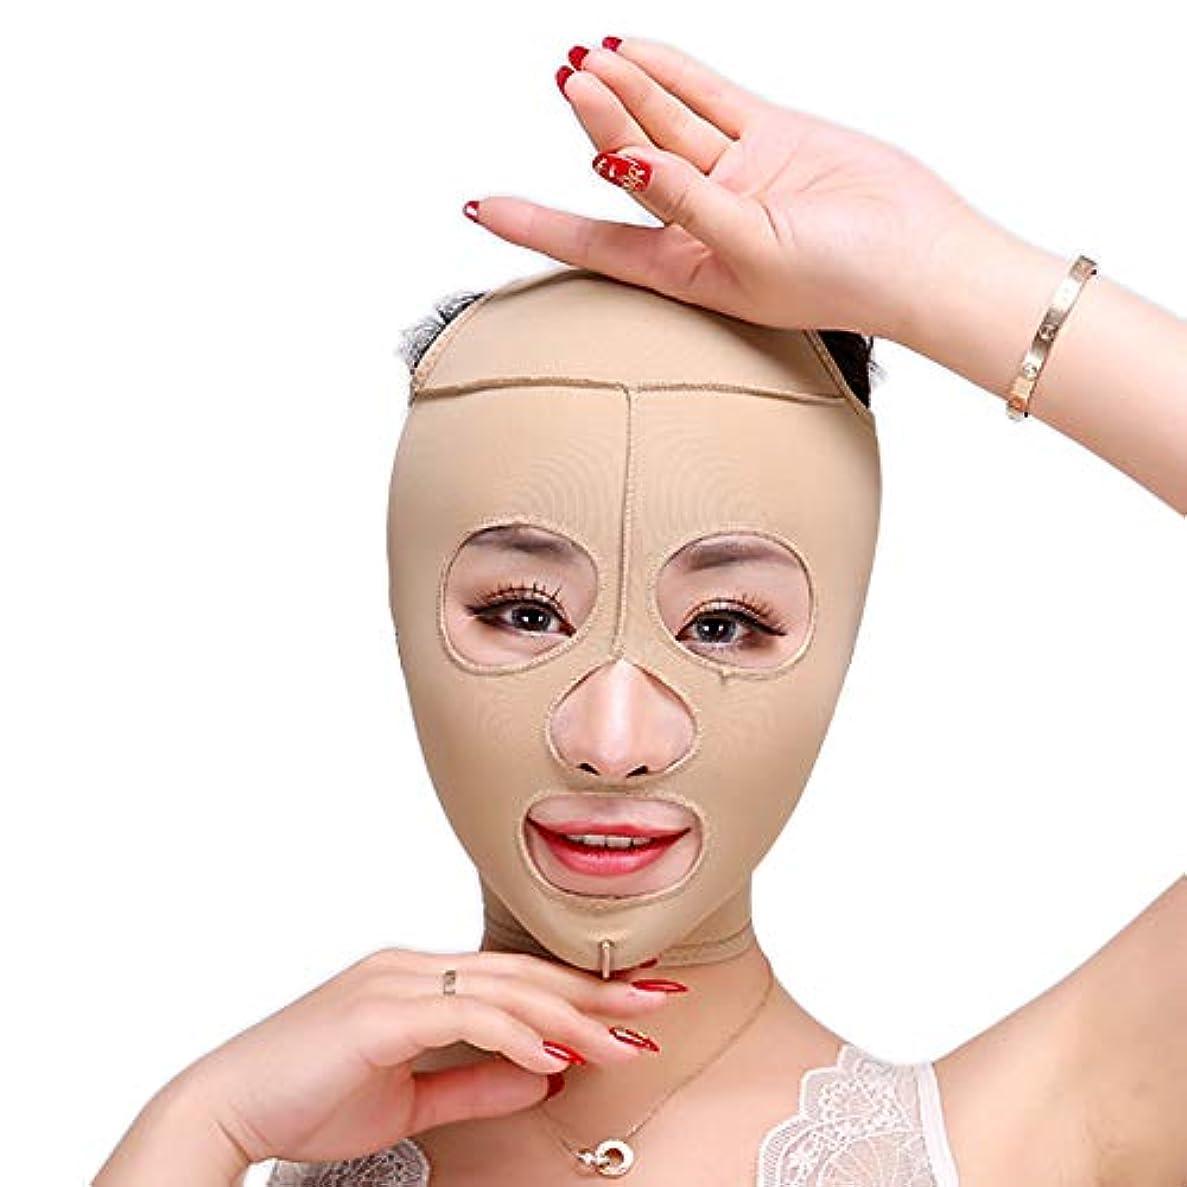 ボタン慣らす比率顔を細くするためのフェイスリフトフルマスク、抗シワグルーミングレジューサスキン引き締めフェイシャルケアフェイスベルト,L